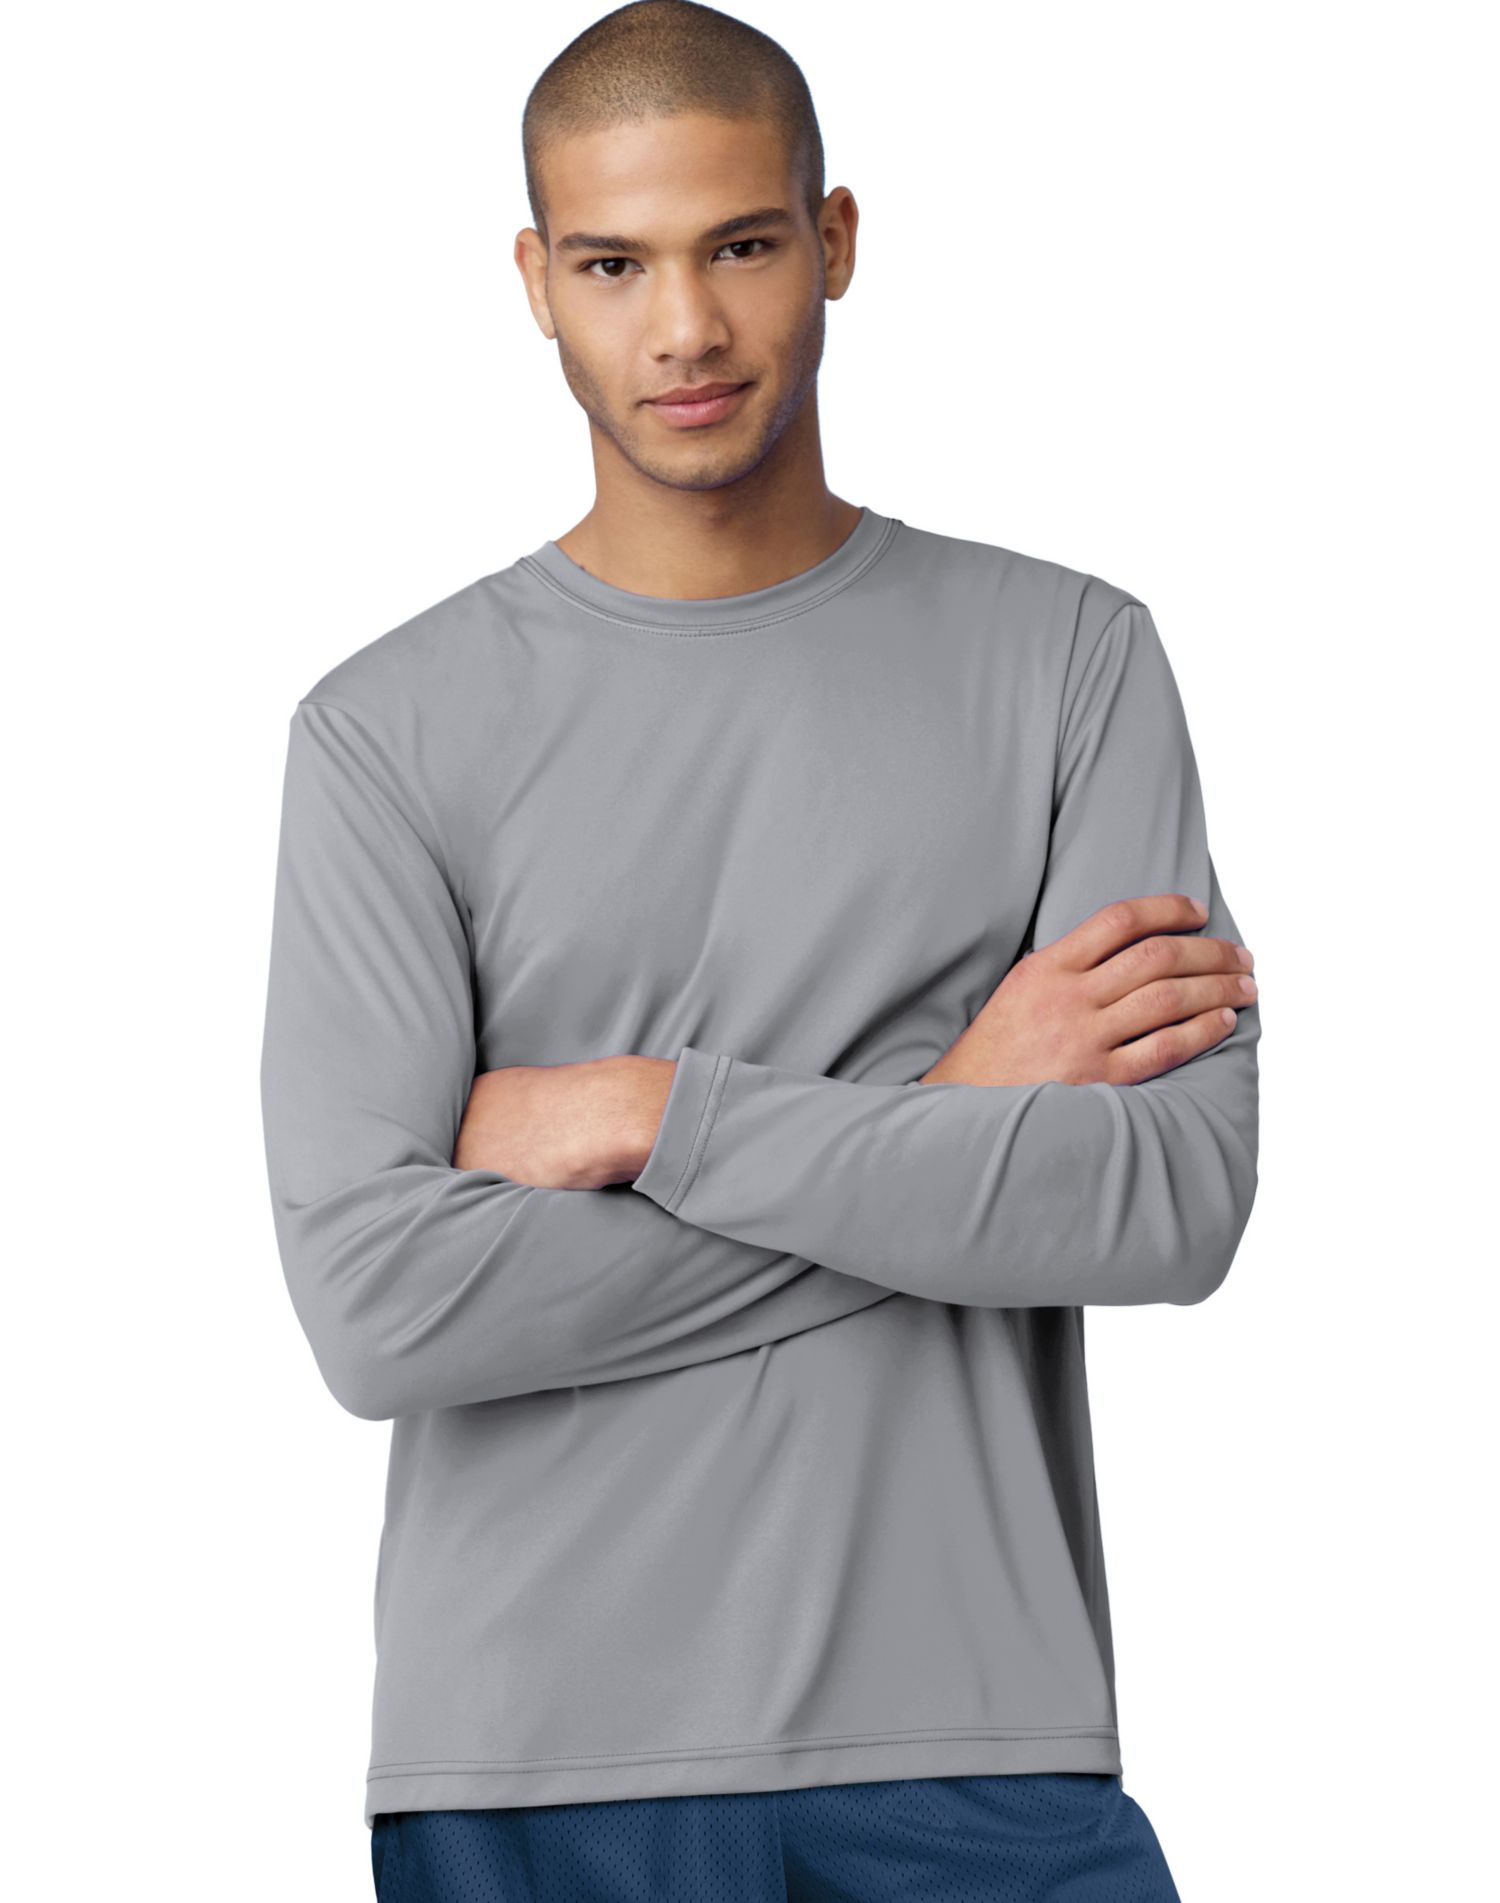 Hanes Cool Dri Performance Men S Long Sleeve T Shirt Best Er White